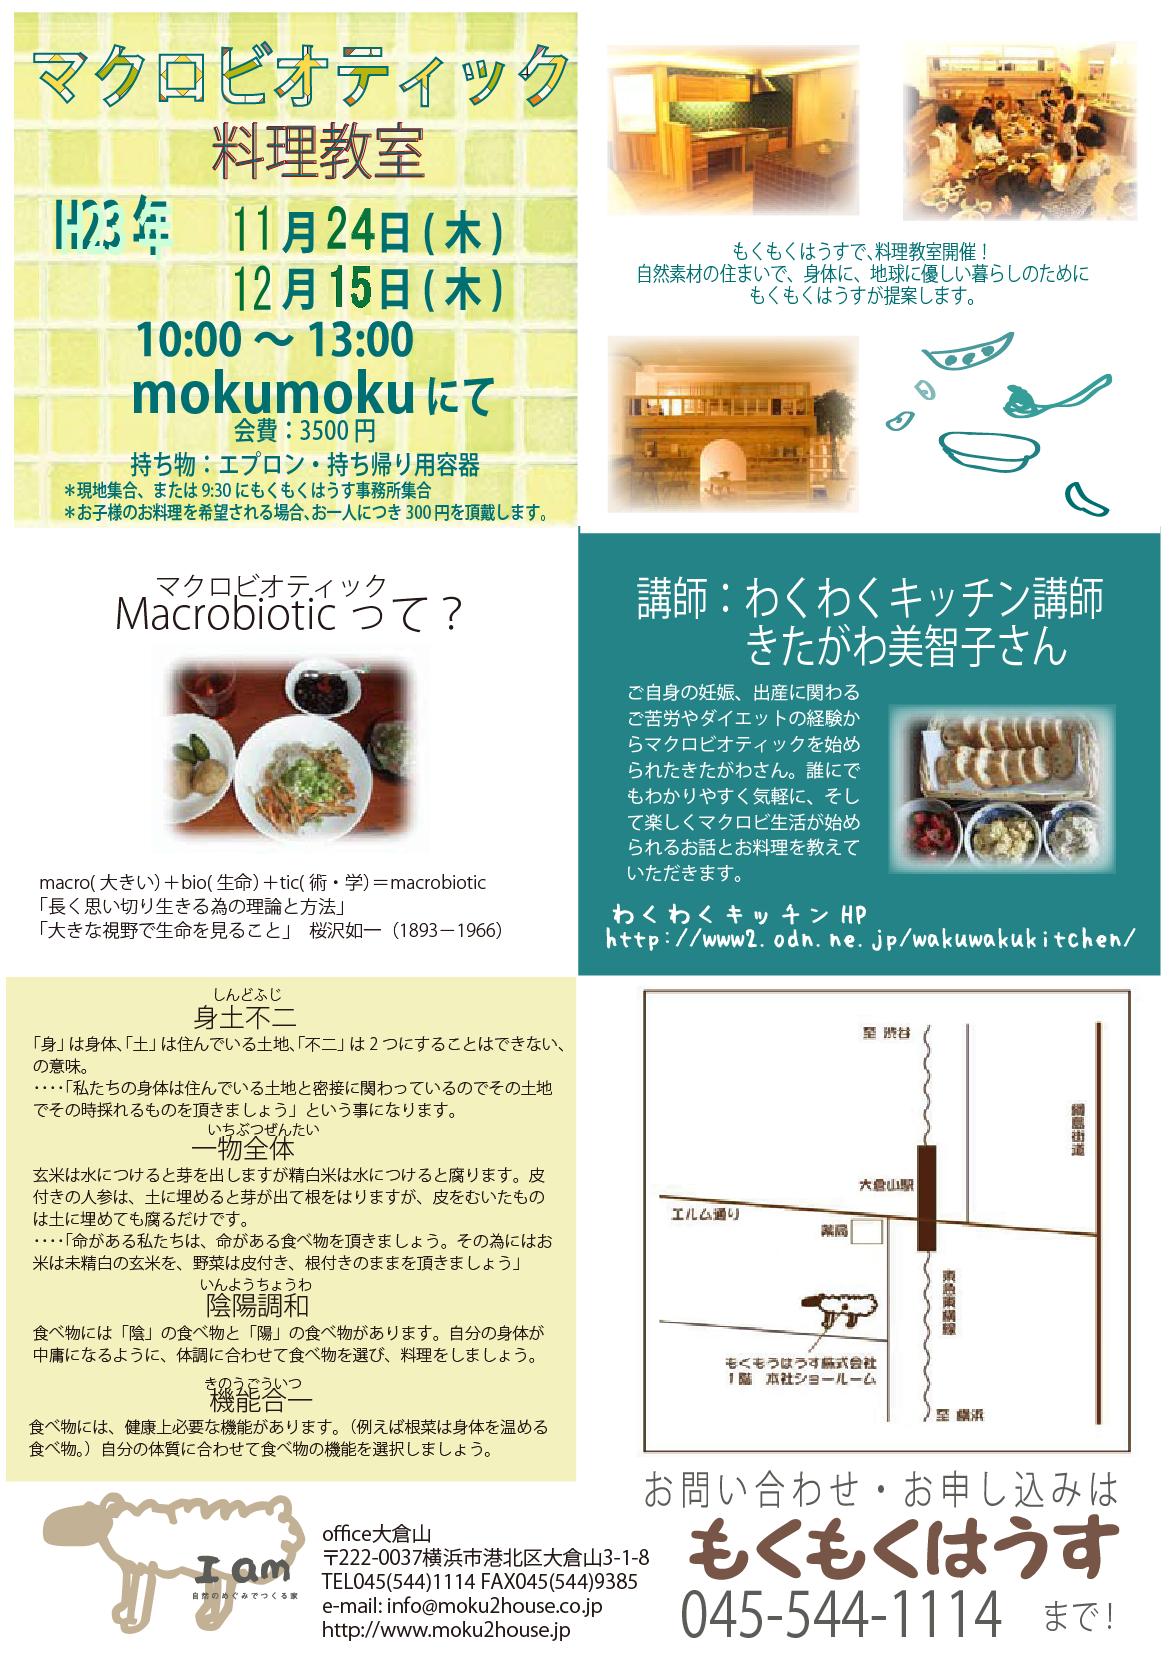 11/24 12/15マクロビオティック料理教室 in mokumoku